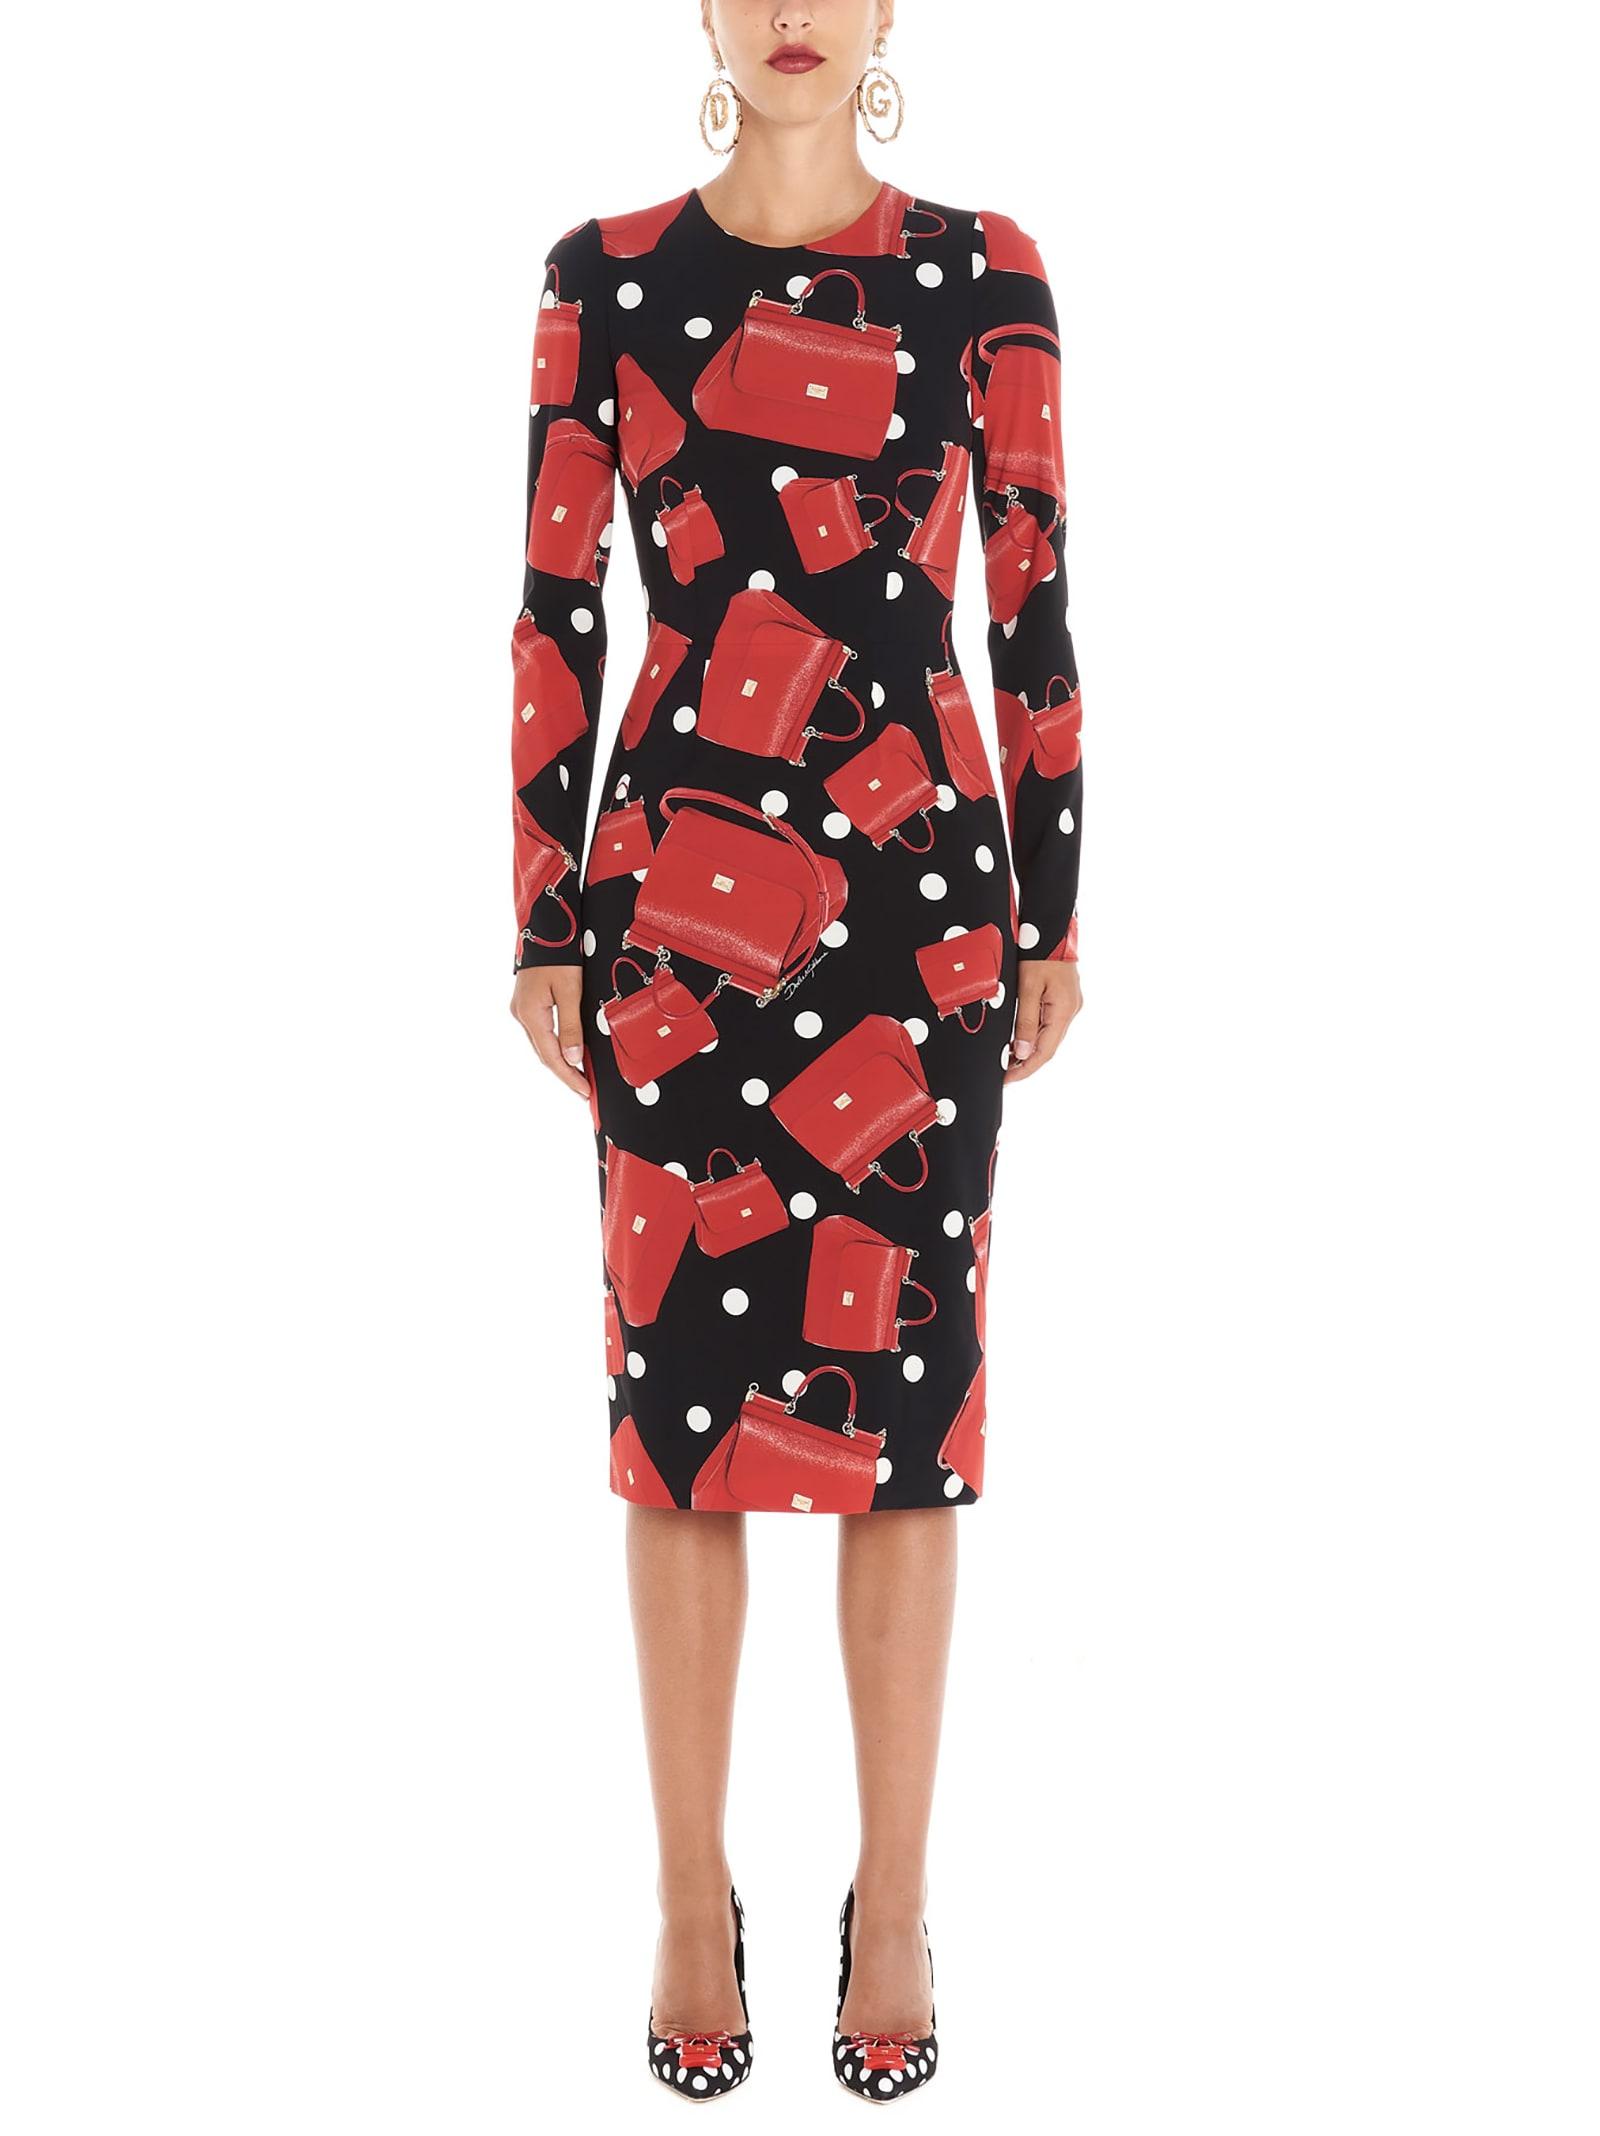 Dolce & Gabbana sicily Dress